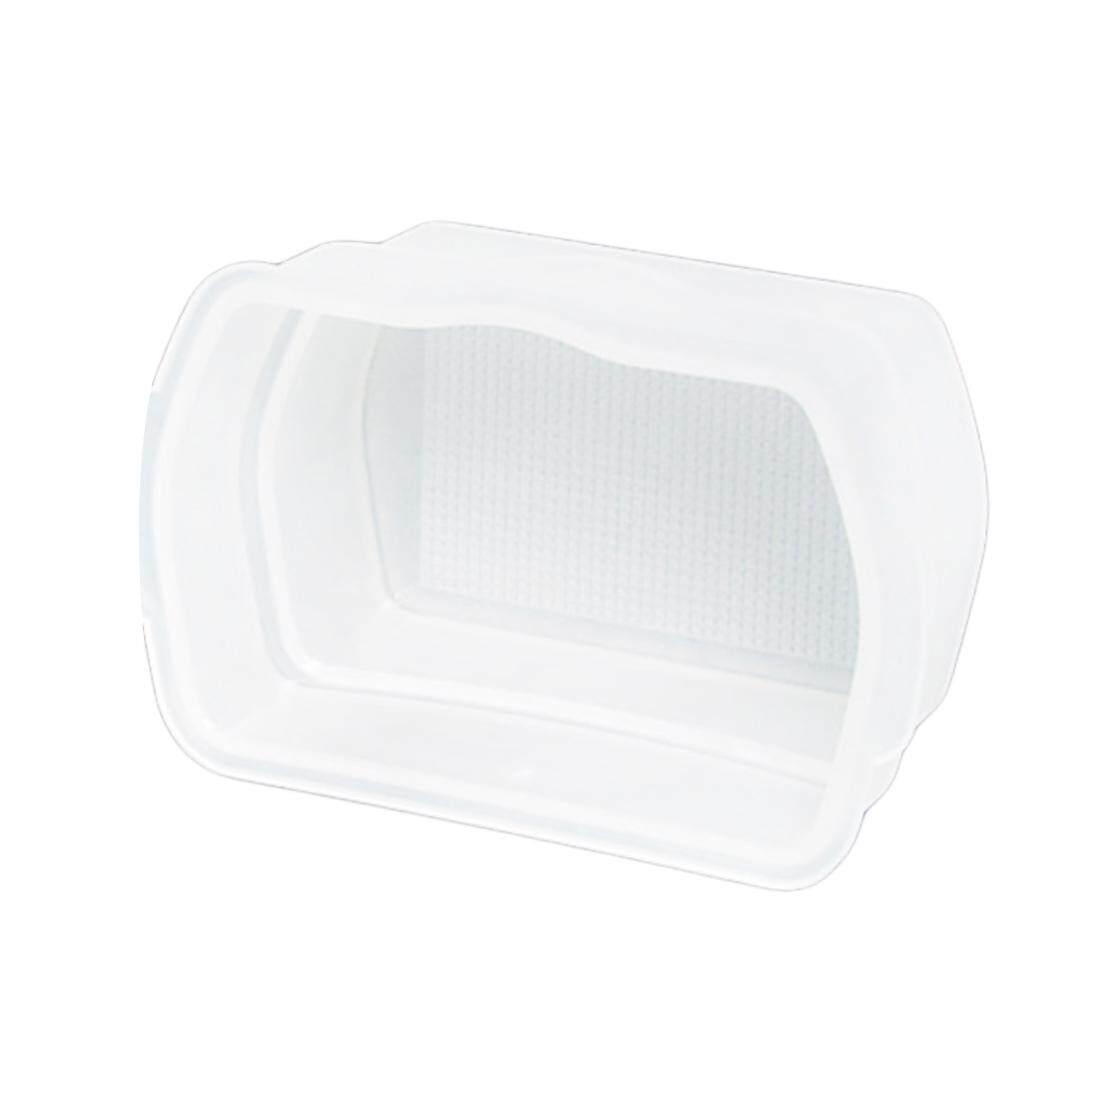 Hongdak Warna Putih Blitz Diffuser Kotak Lunak Anda 580EX 580EX II Yongnuo YN-560 YN560II YN-560III YN-560IV Blitz Diffuser Sarung- internasional